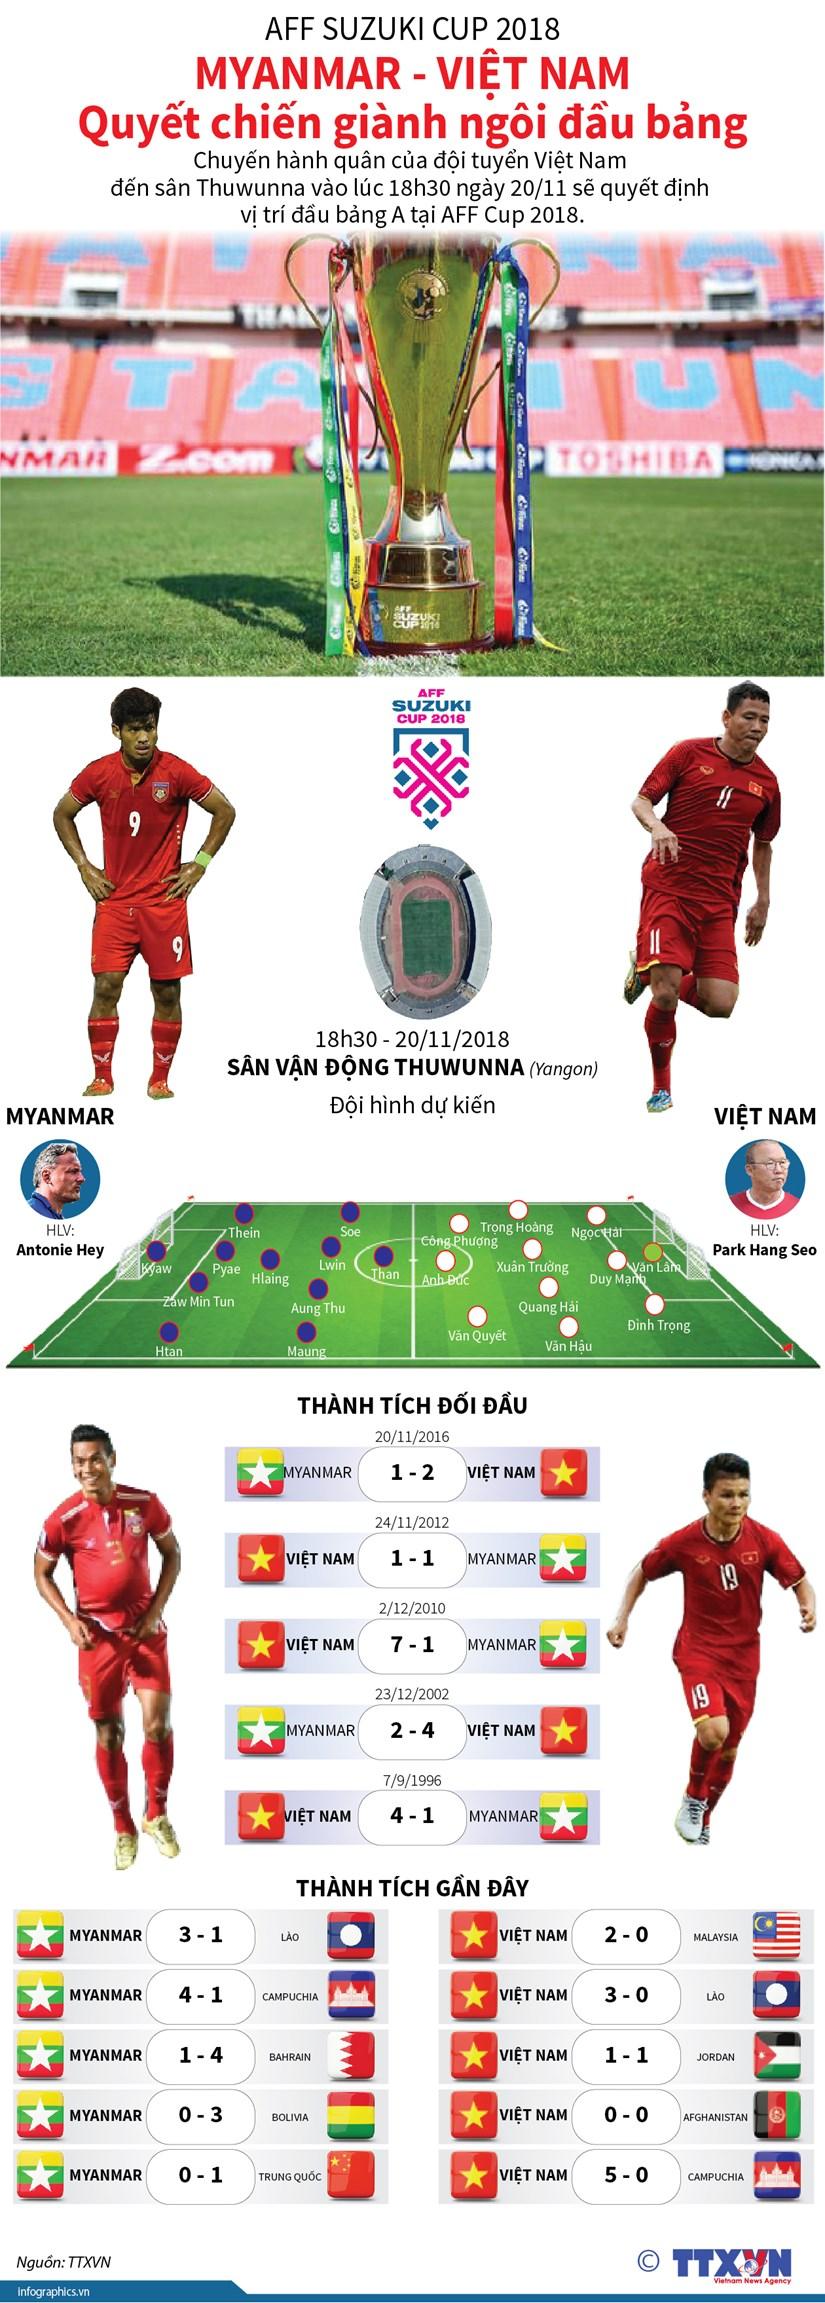 [Infographics] Viet Nam-Myanmar: Quyet chien gianh ngoi dau bang hinh anh 1